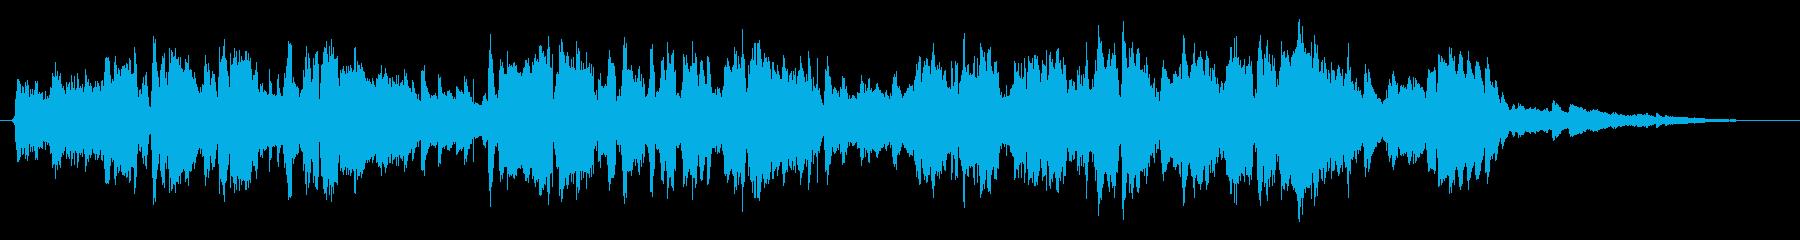 しじみをテーマにした楽曲の再生済みの波形